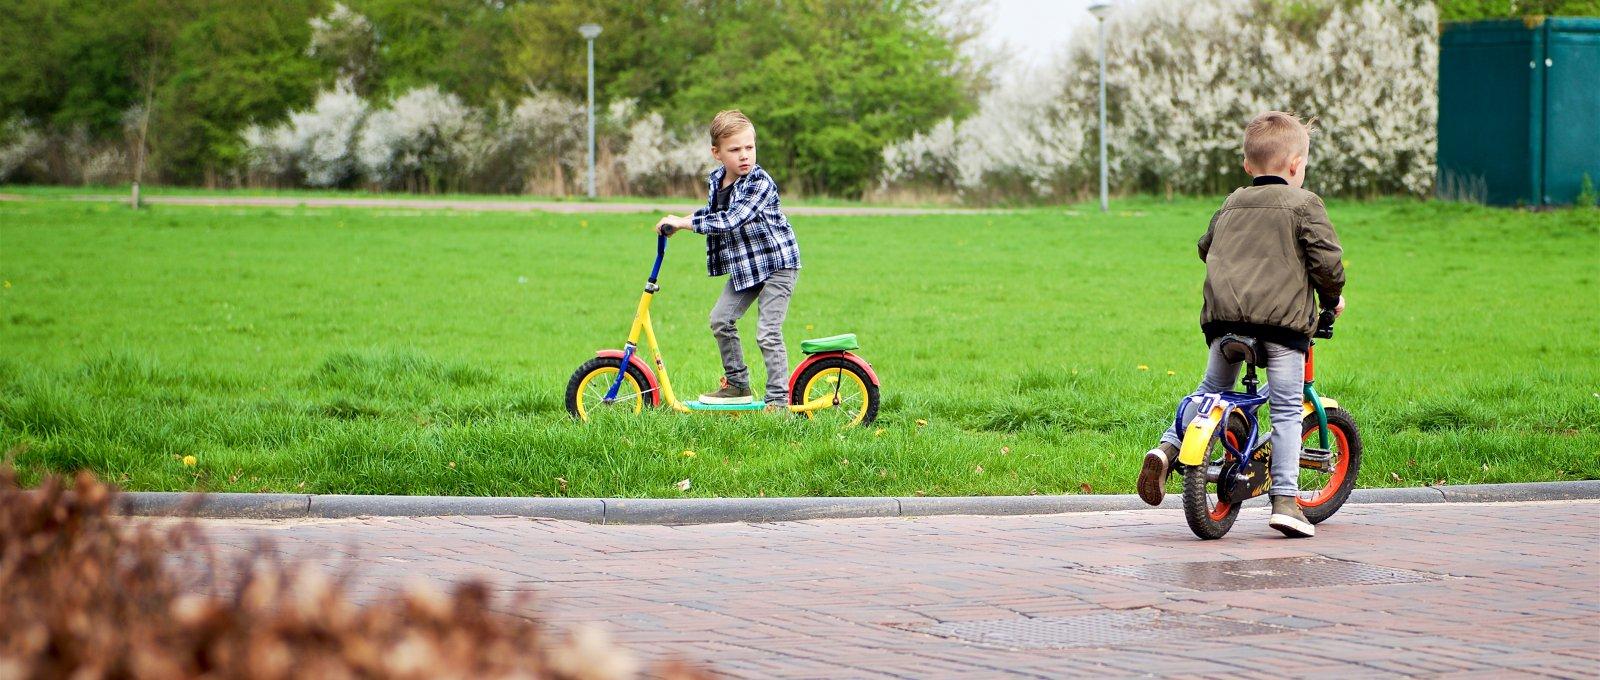 Jongens spelen fiets